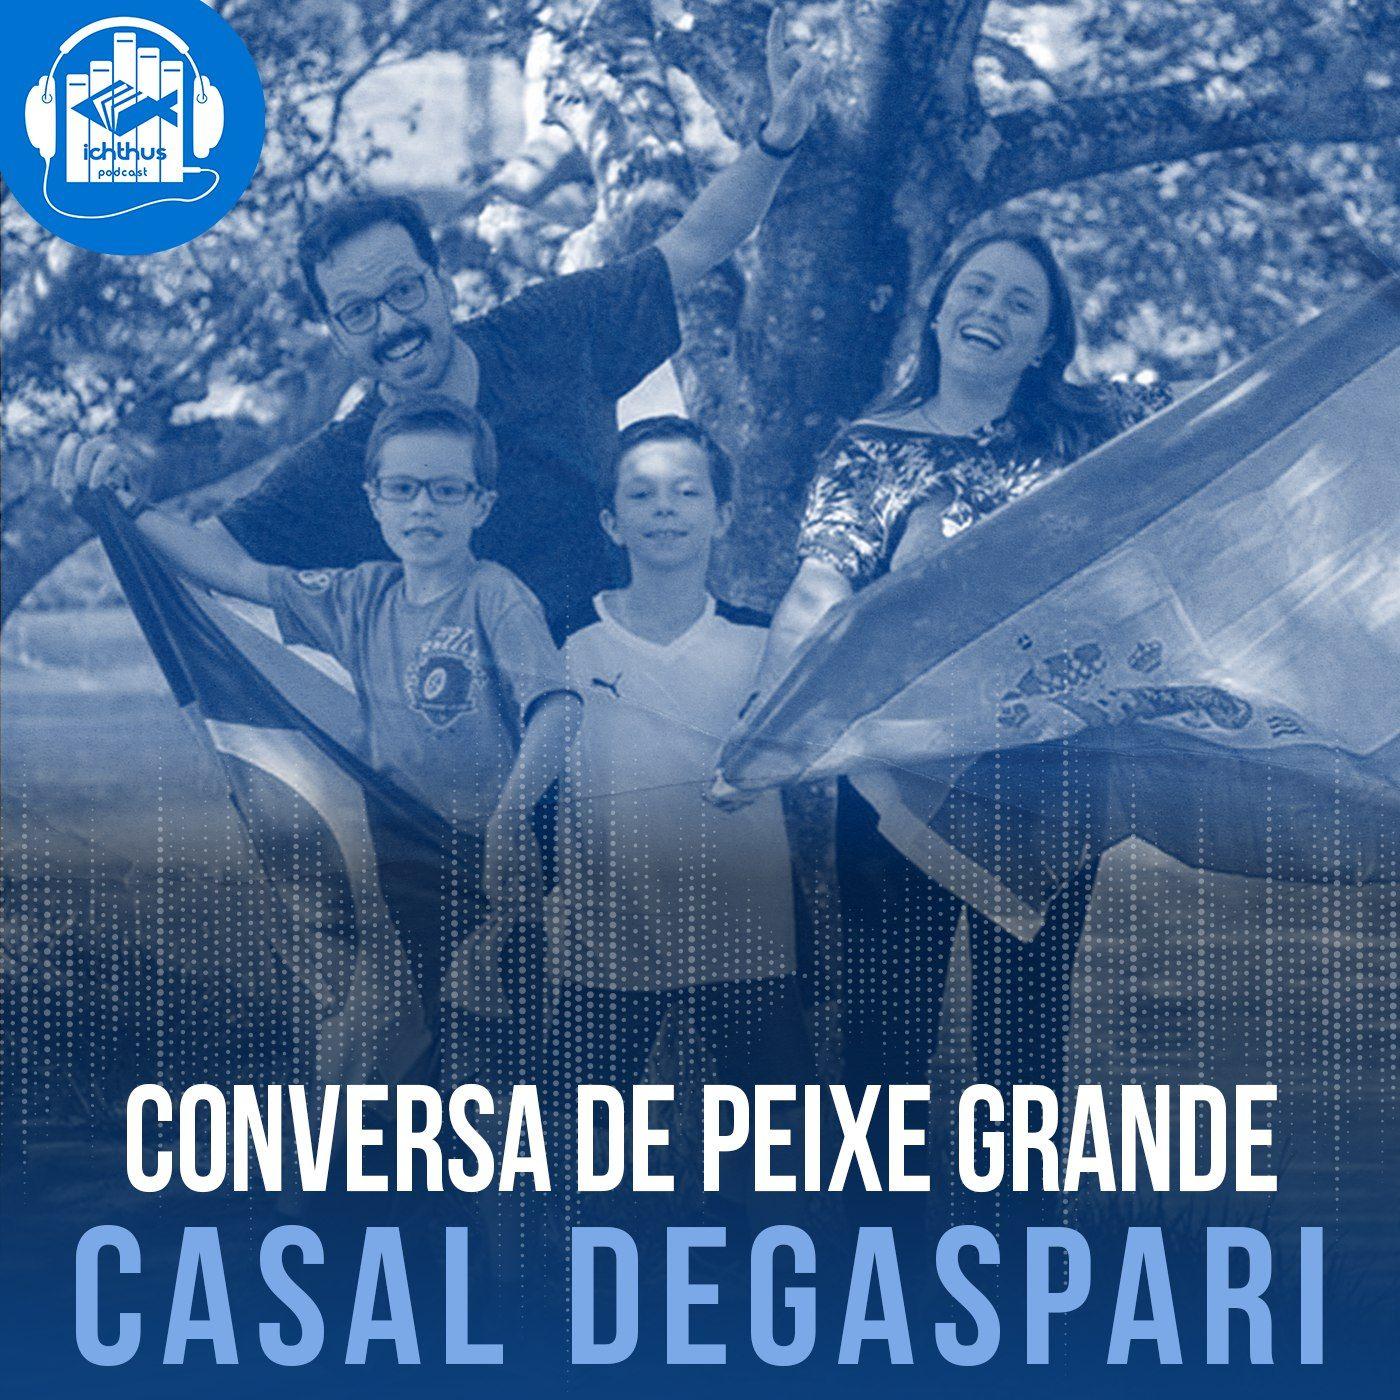 Paulinho e Adriana Degaspari | Conversa de peixe grande